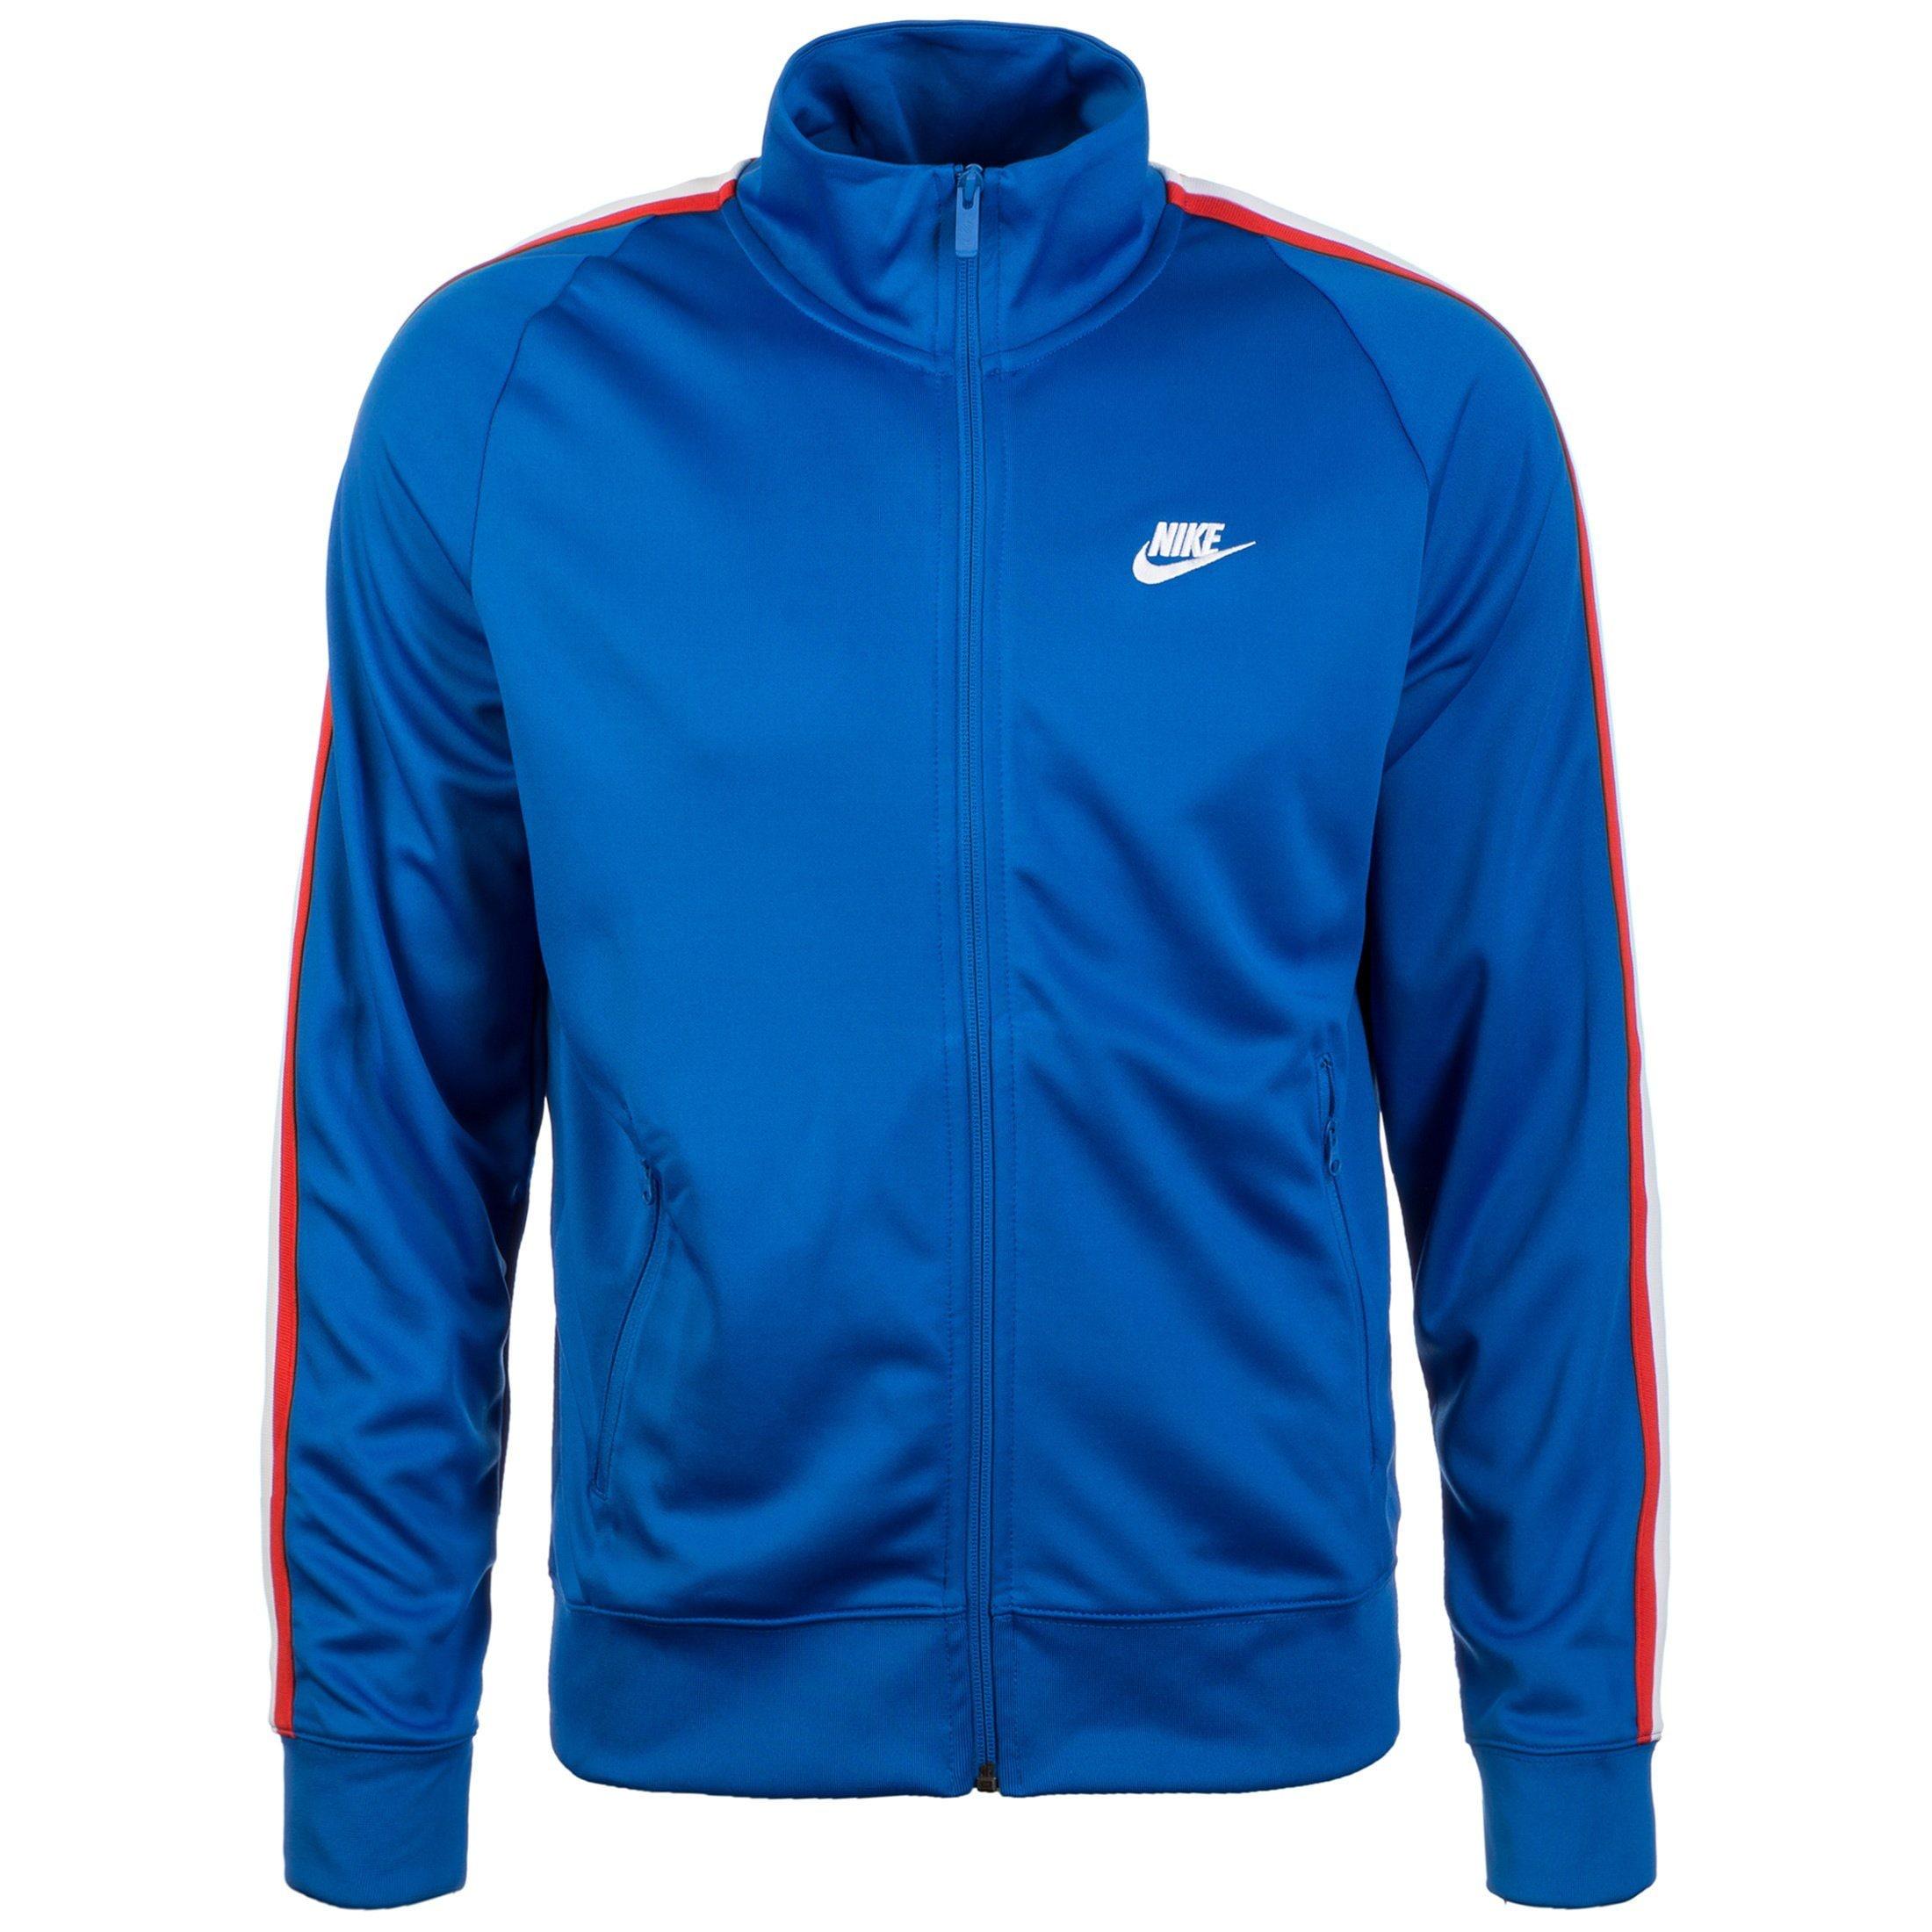 Nike Sportswear Sweatjacke »N98 Tribute«